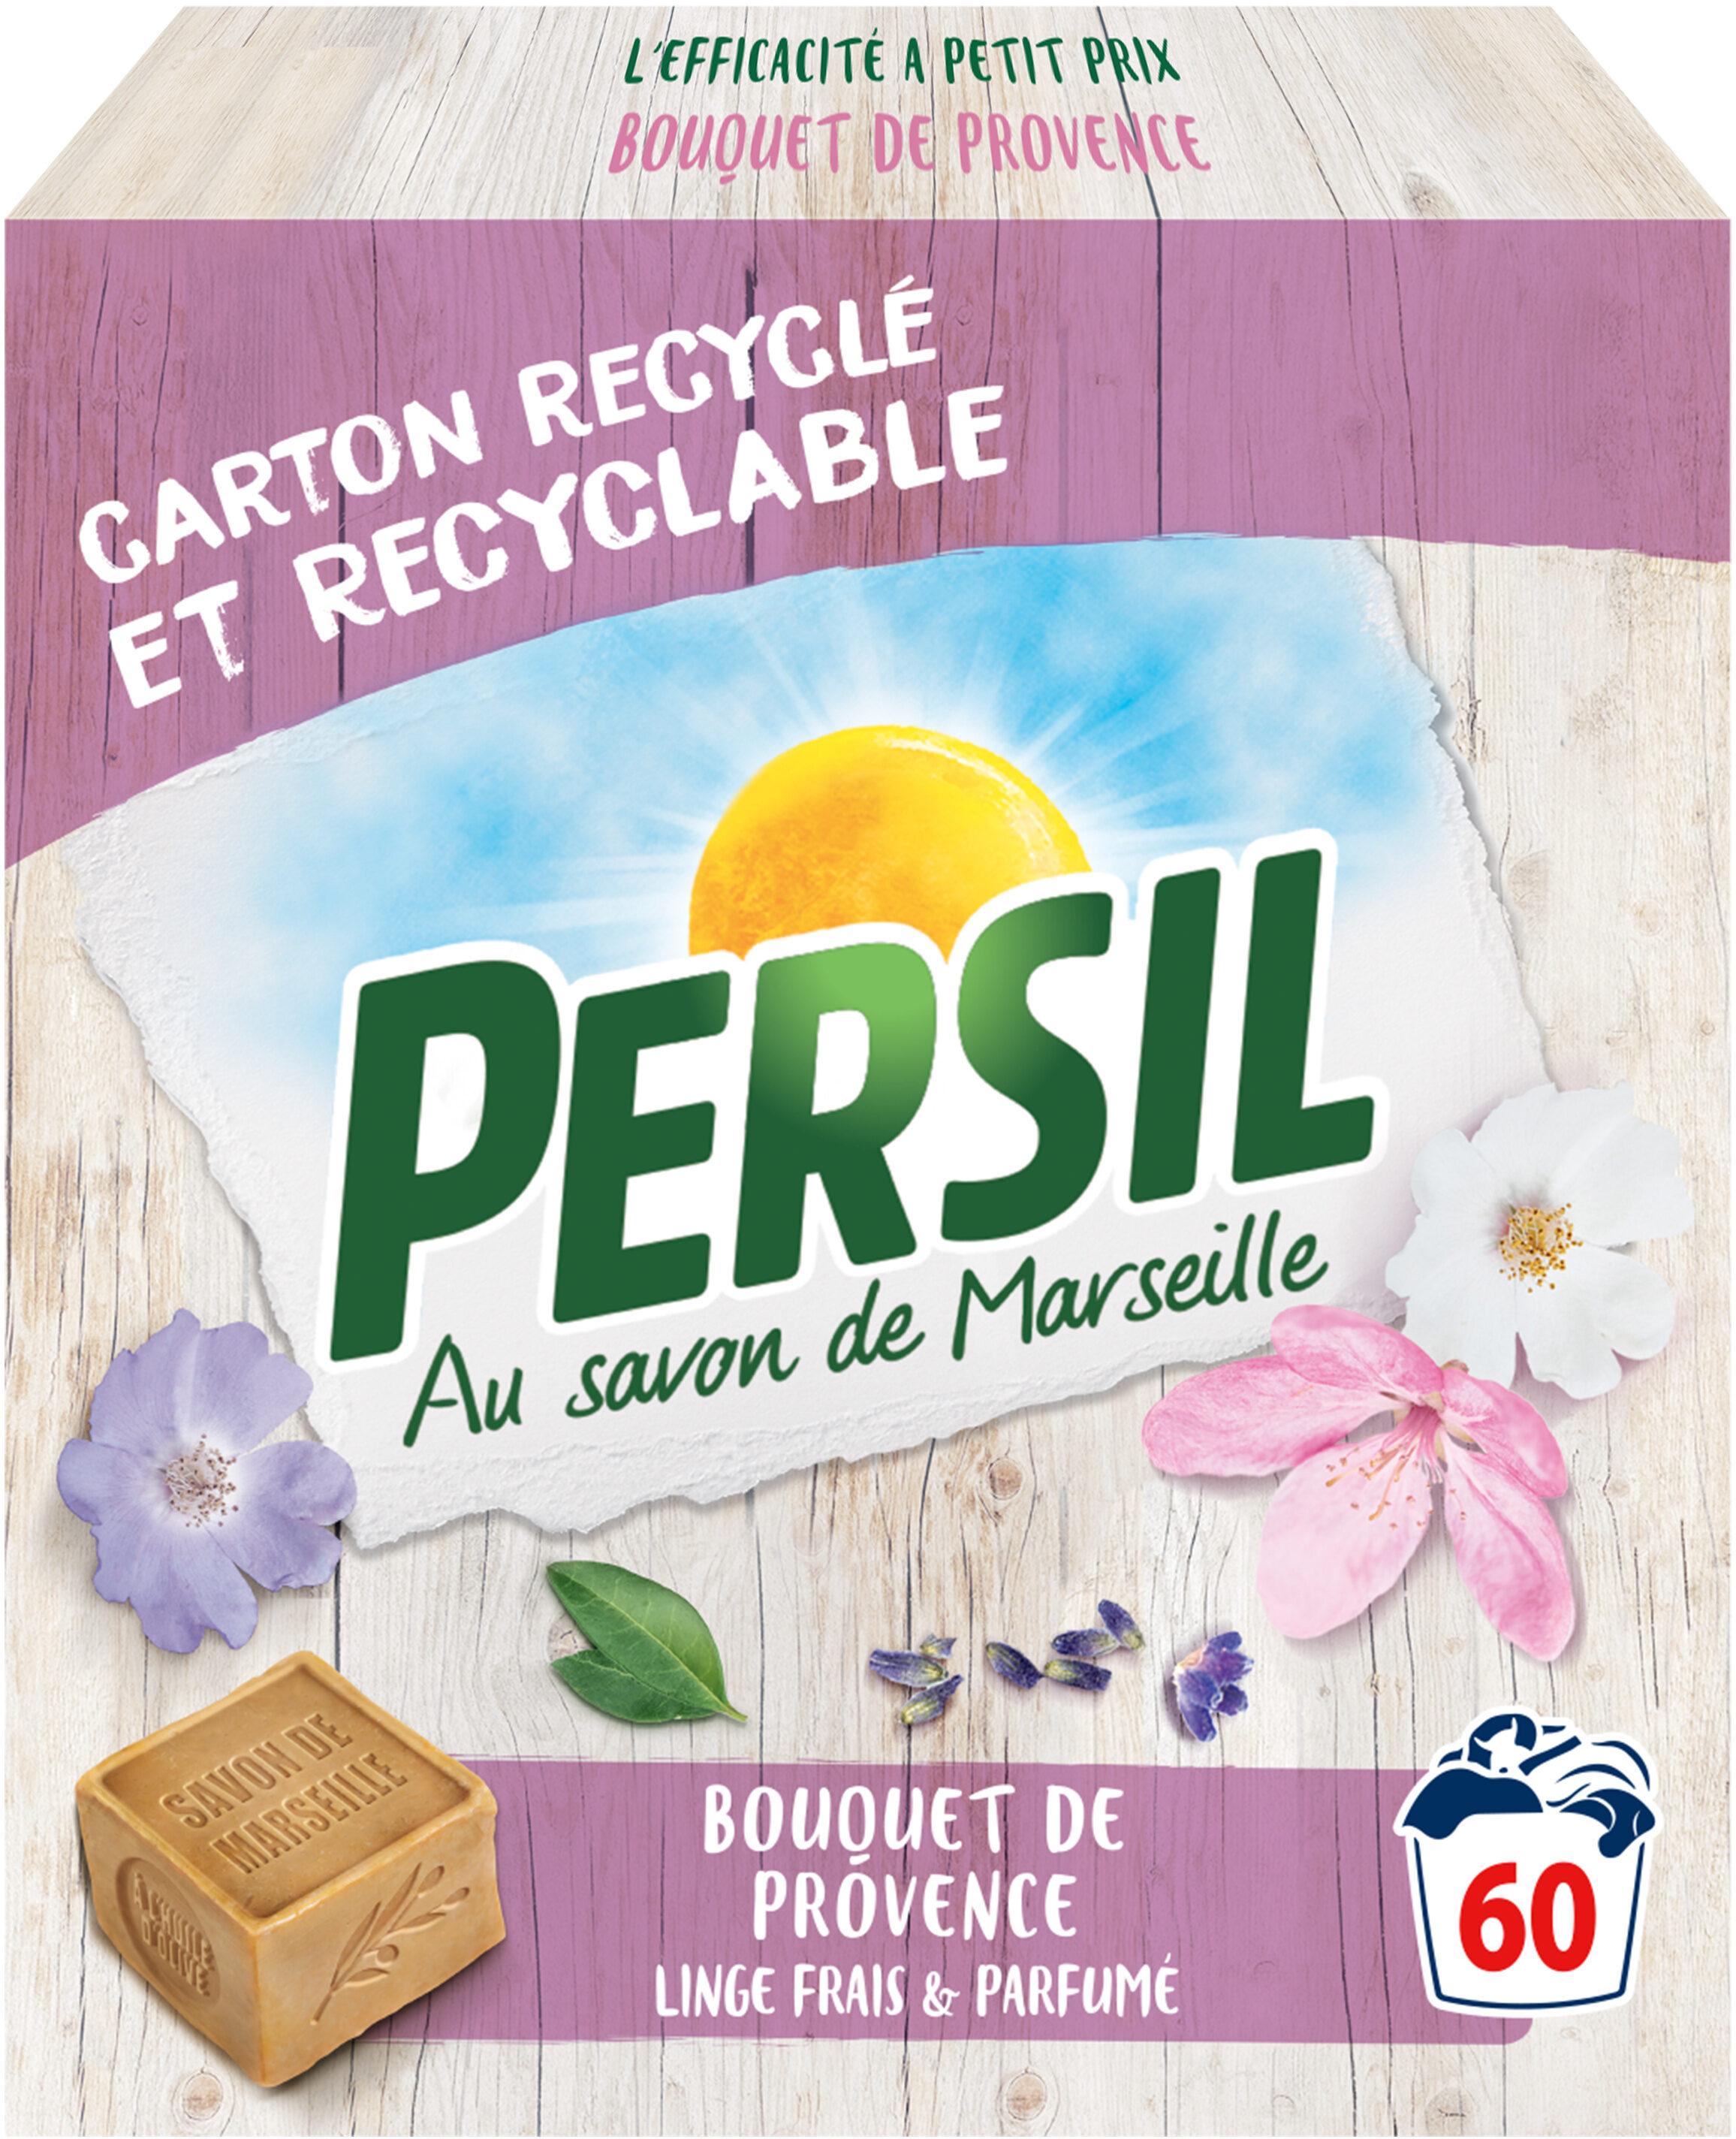 Persil Lessive Poudre Bouquet de Provence 60 Doses - Product - fr